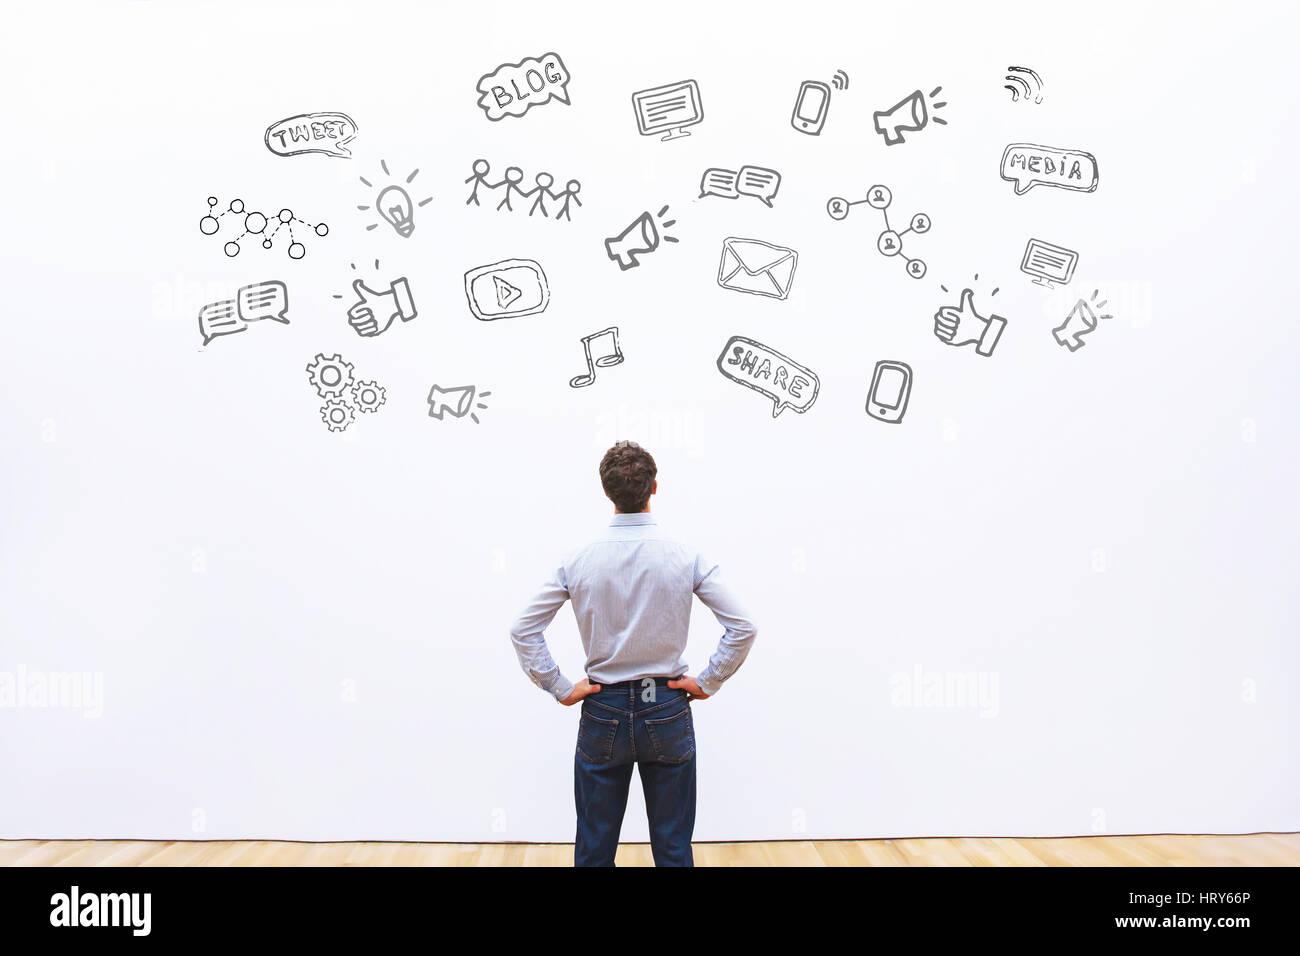 Les médias sociaux ou le réseau concept contexte, man looking at les icônes de tweet, partager, comme Photo Stock